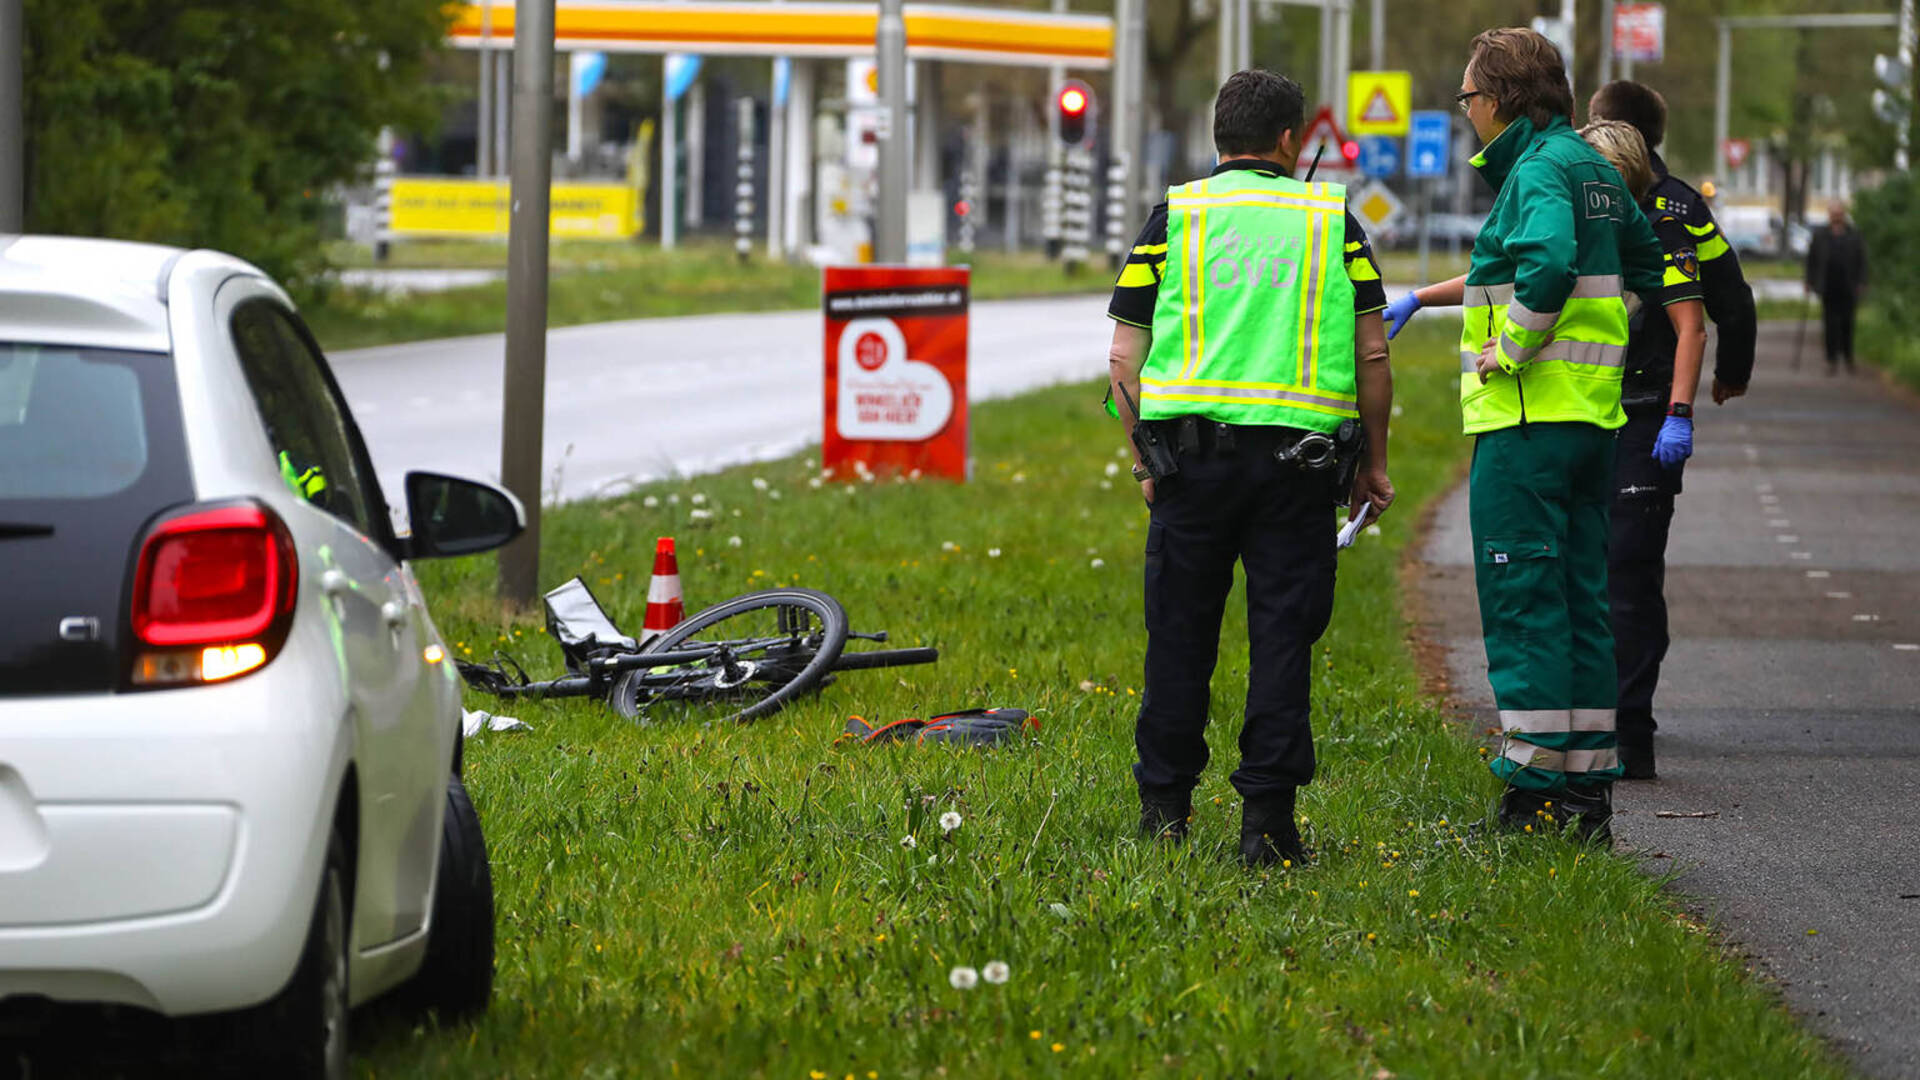 الطب الشرعي: طالب اللجوء الذي طعن راكب دراجة في Oss مجنون تماماً